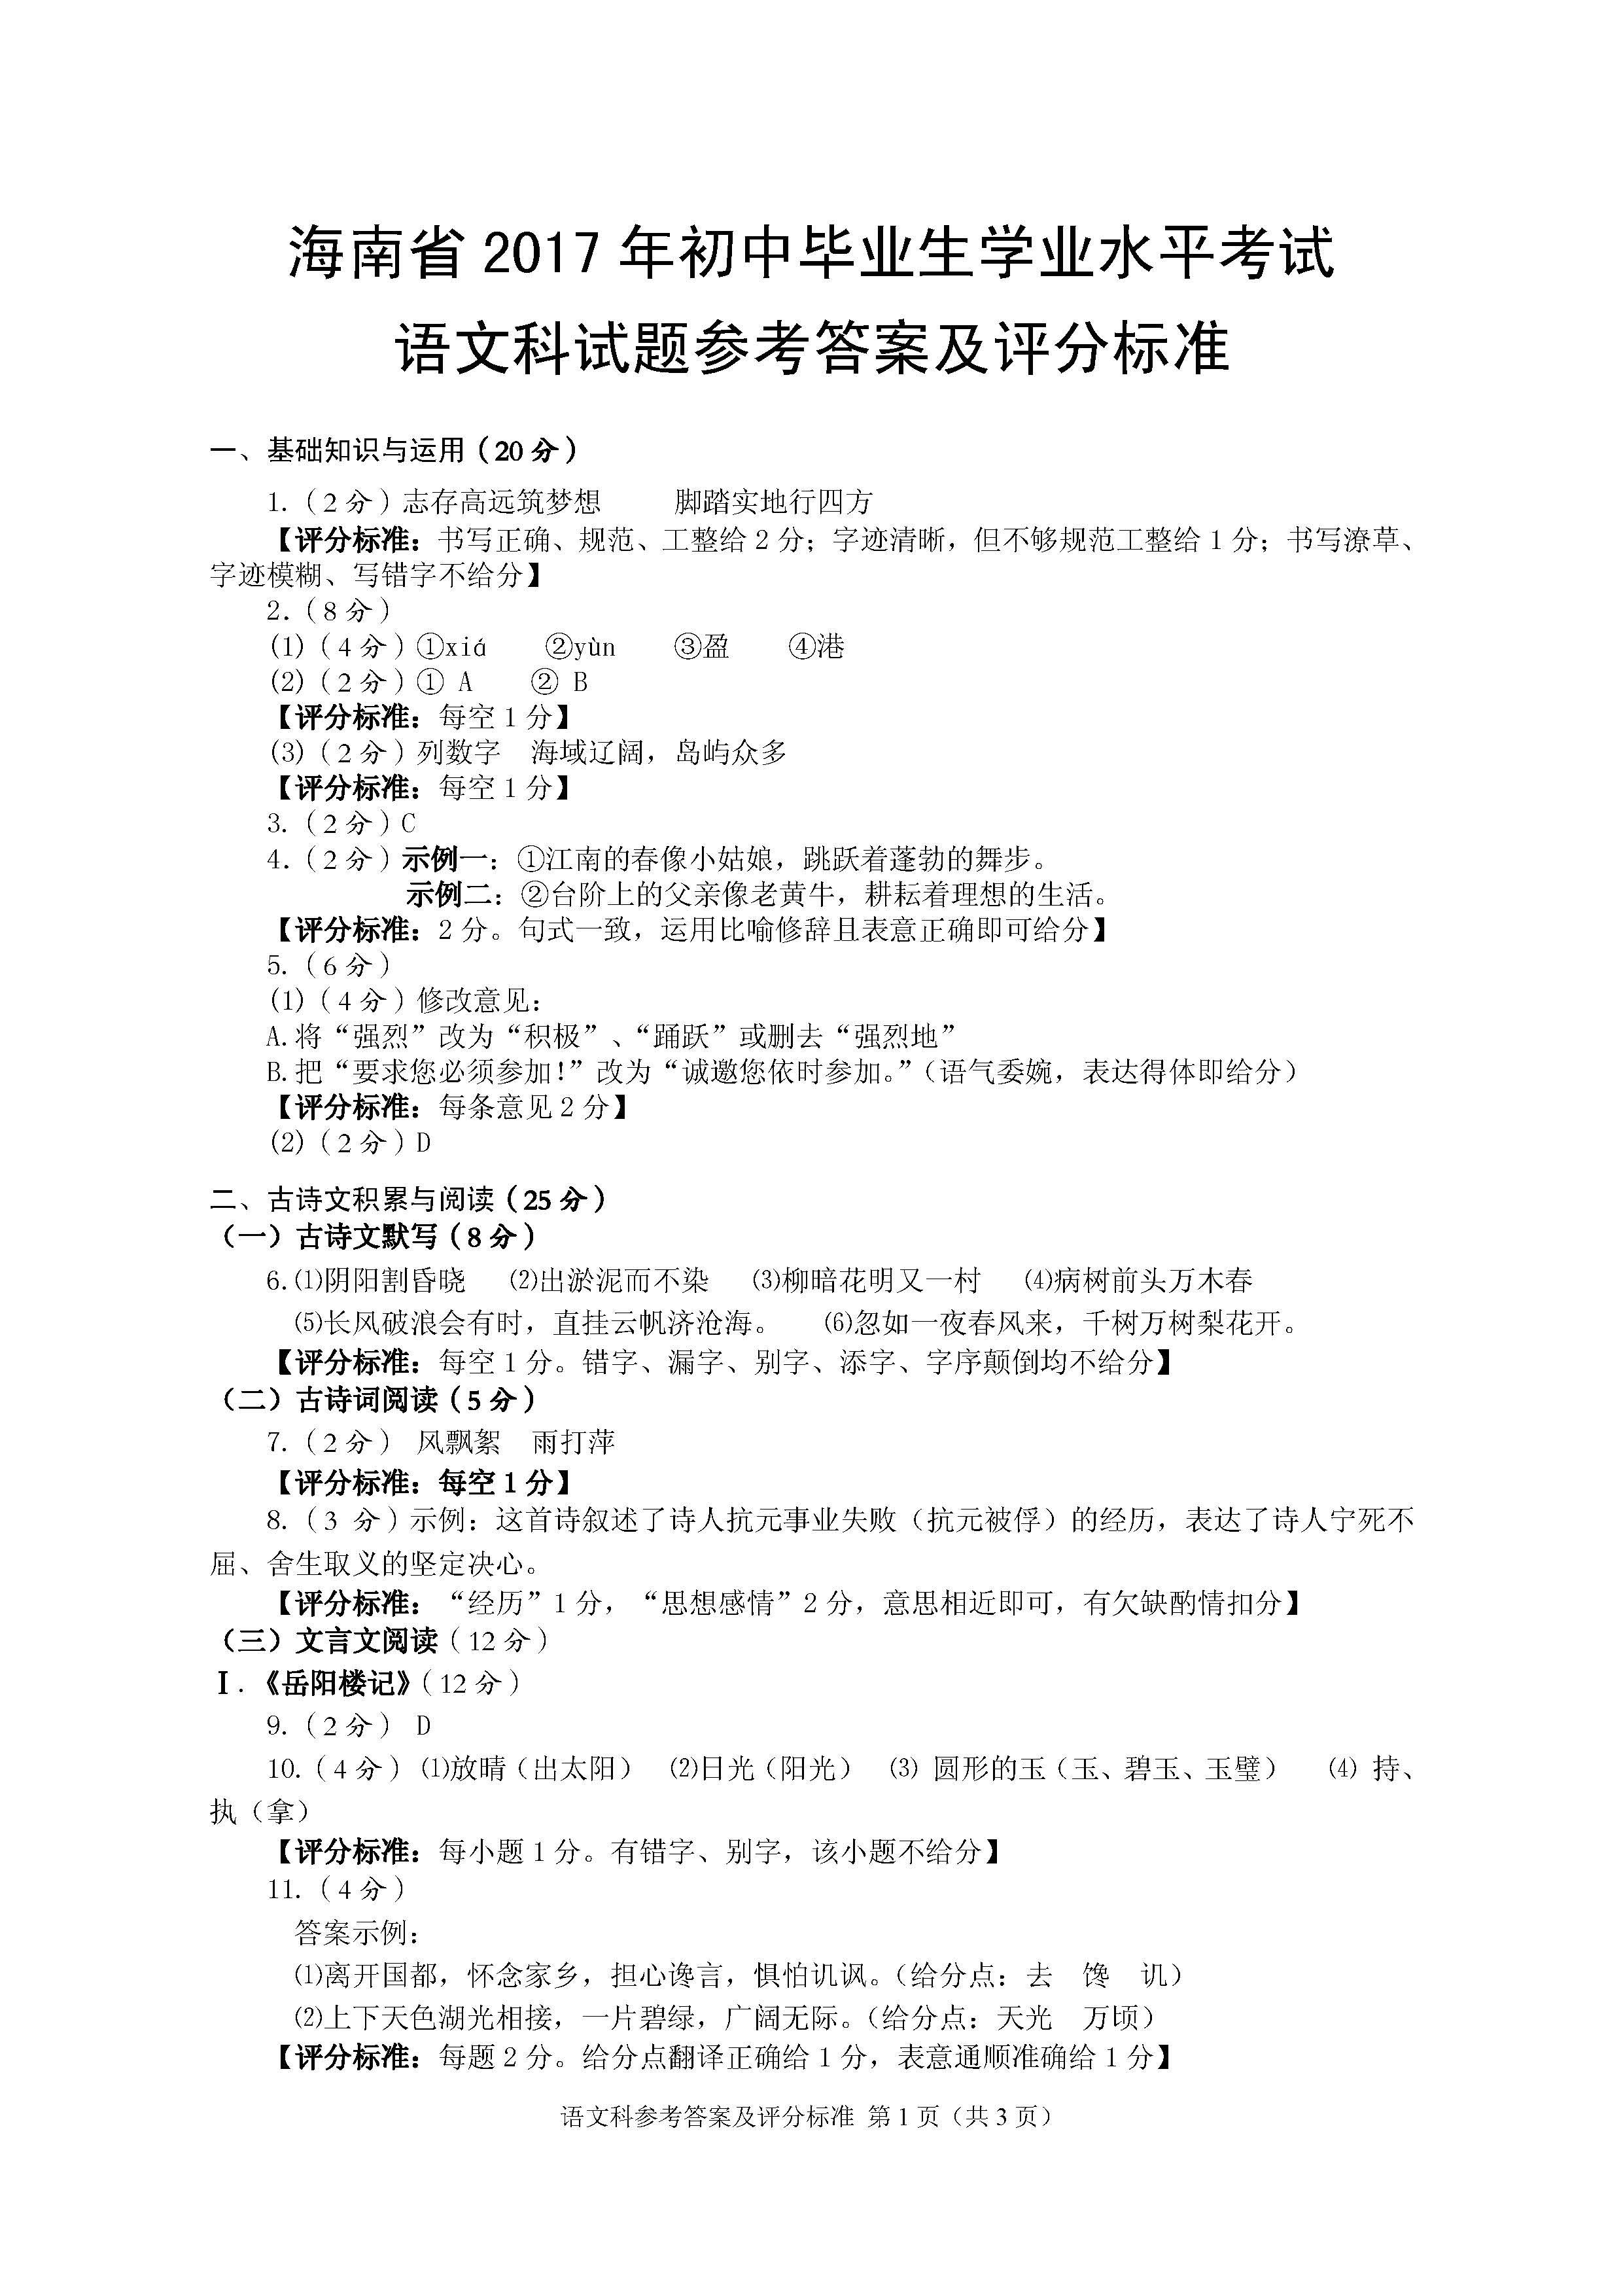 2017海南中考语文试题及答案解析(图片版)